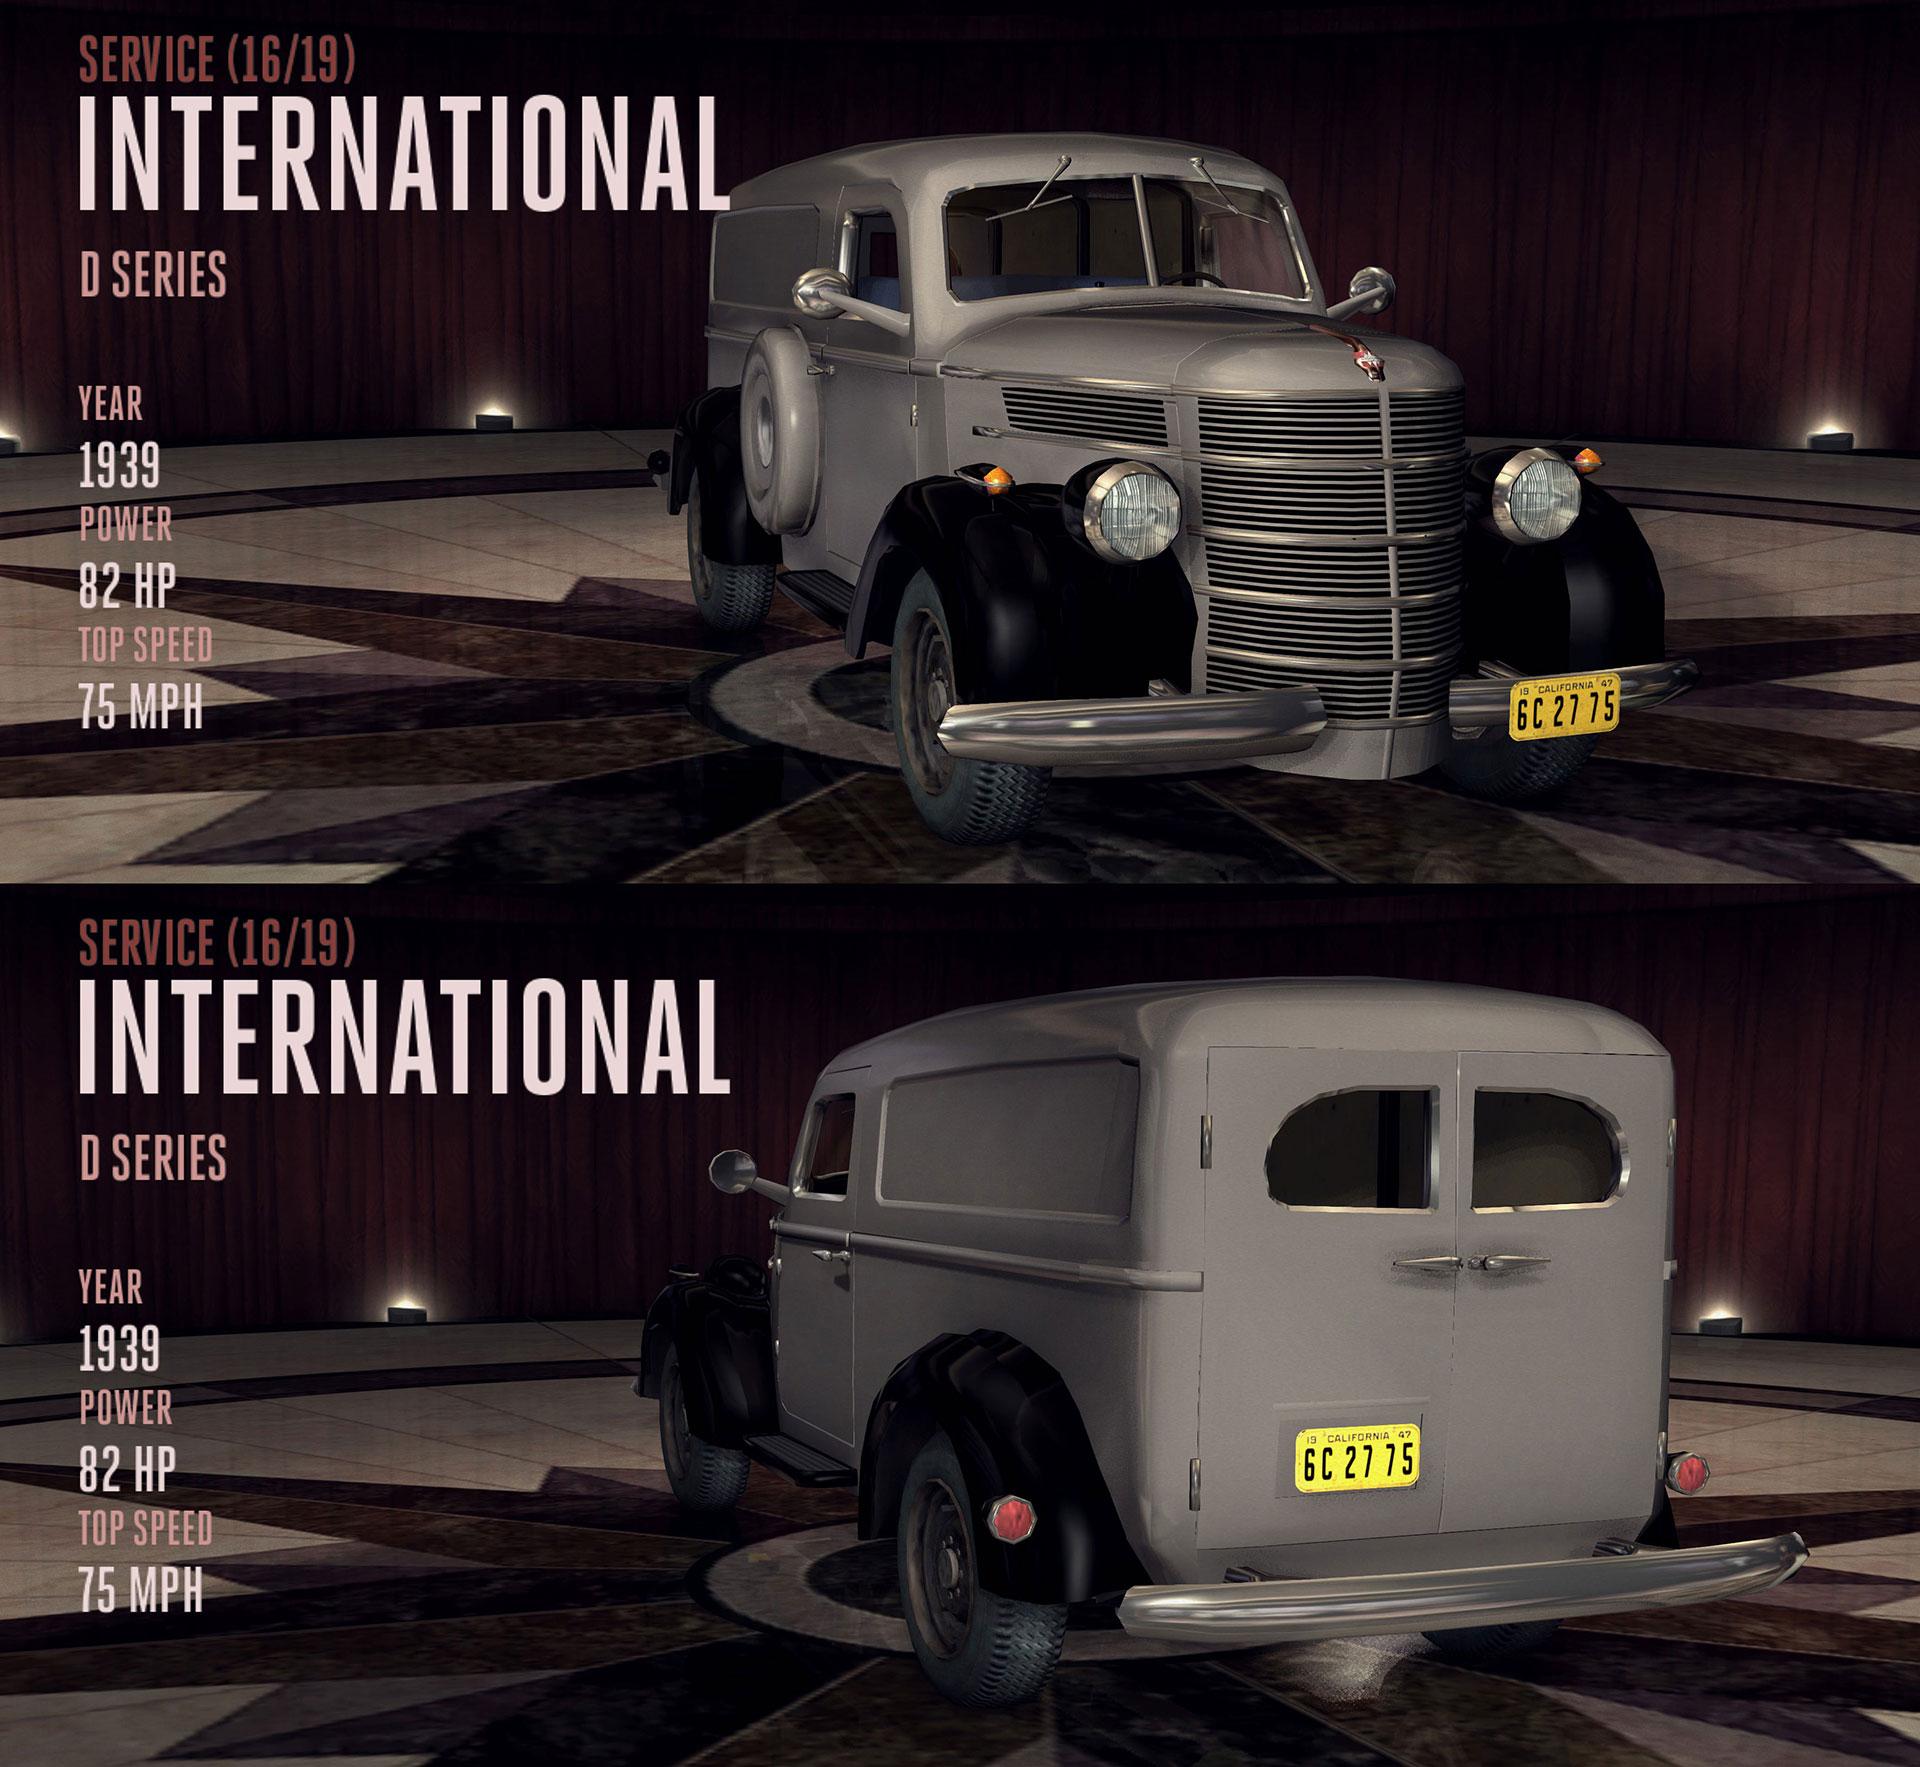 International D Series